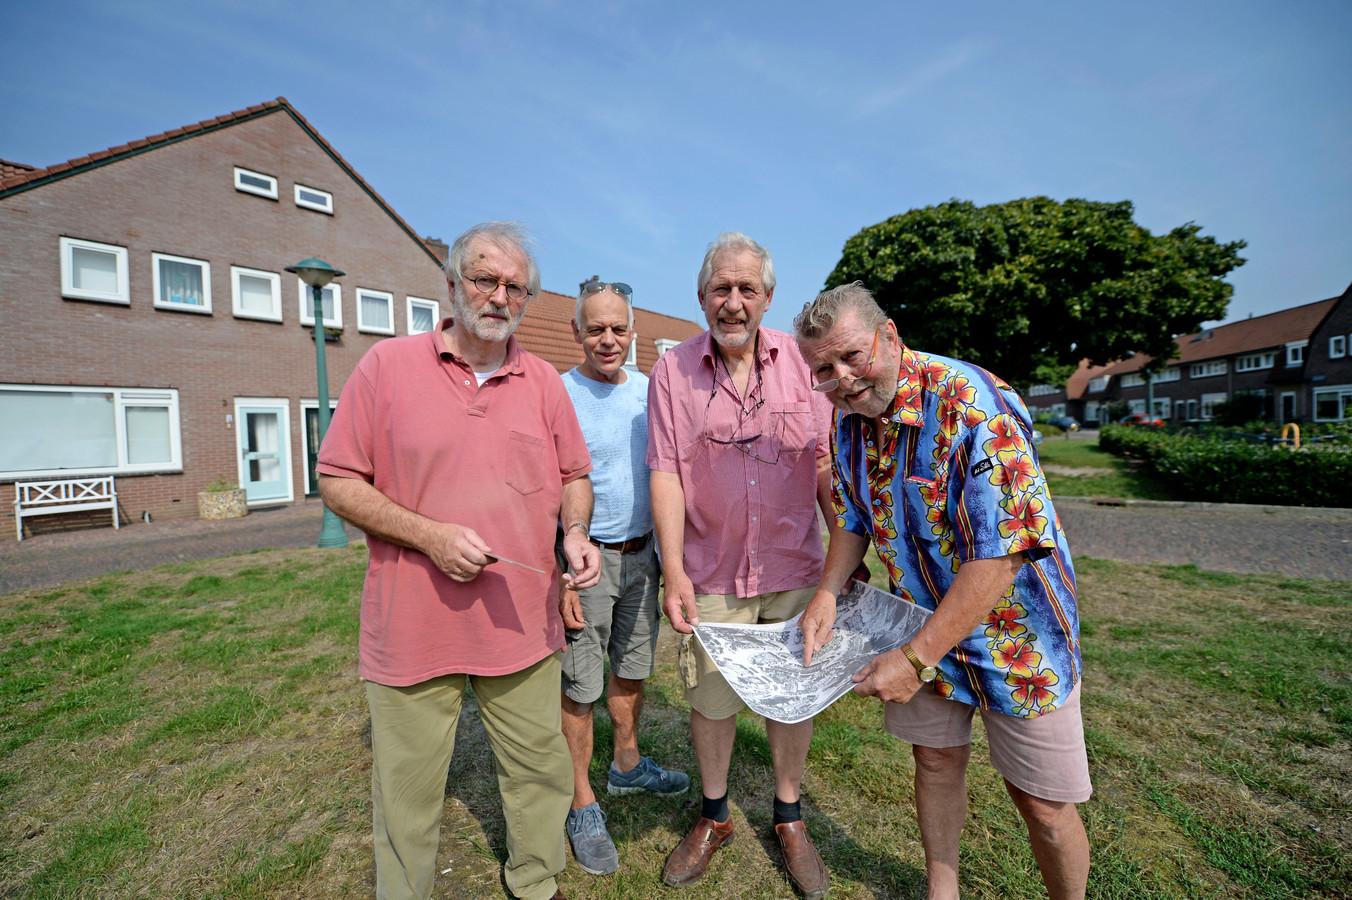 Hans Zeelte, Jan van der Most, Roelof Oldejans en Henk Terink op hun Paasweiplein. Op een oude kaart van Enschede wijzen ze de plek aan waar ze opgroeiden.